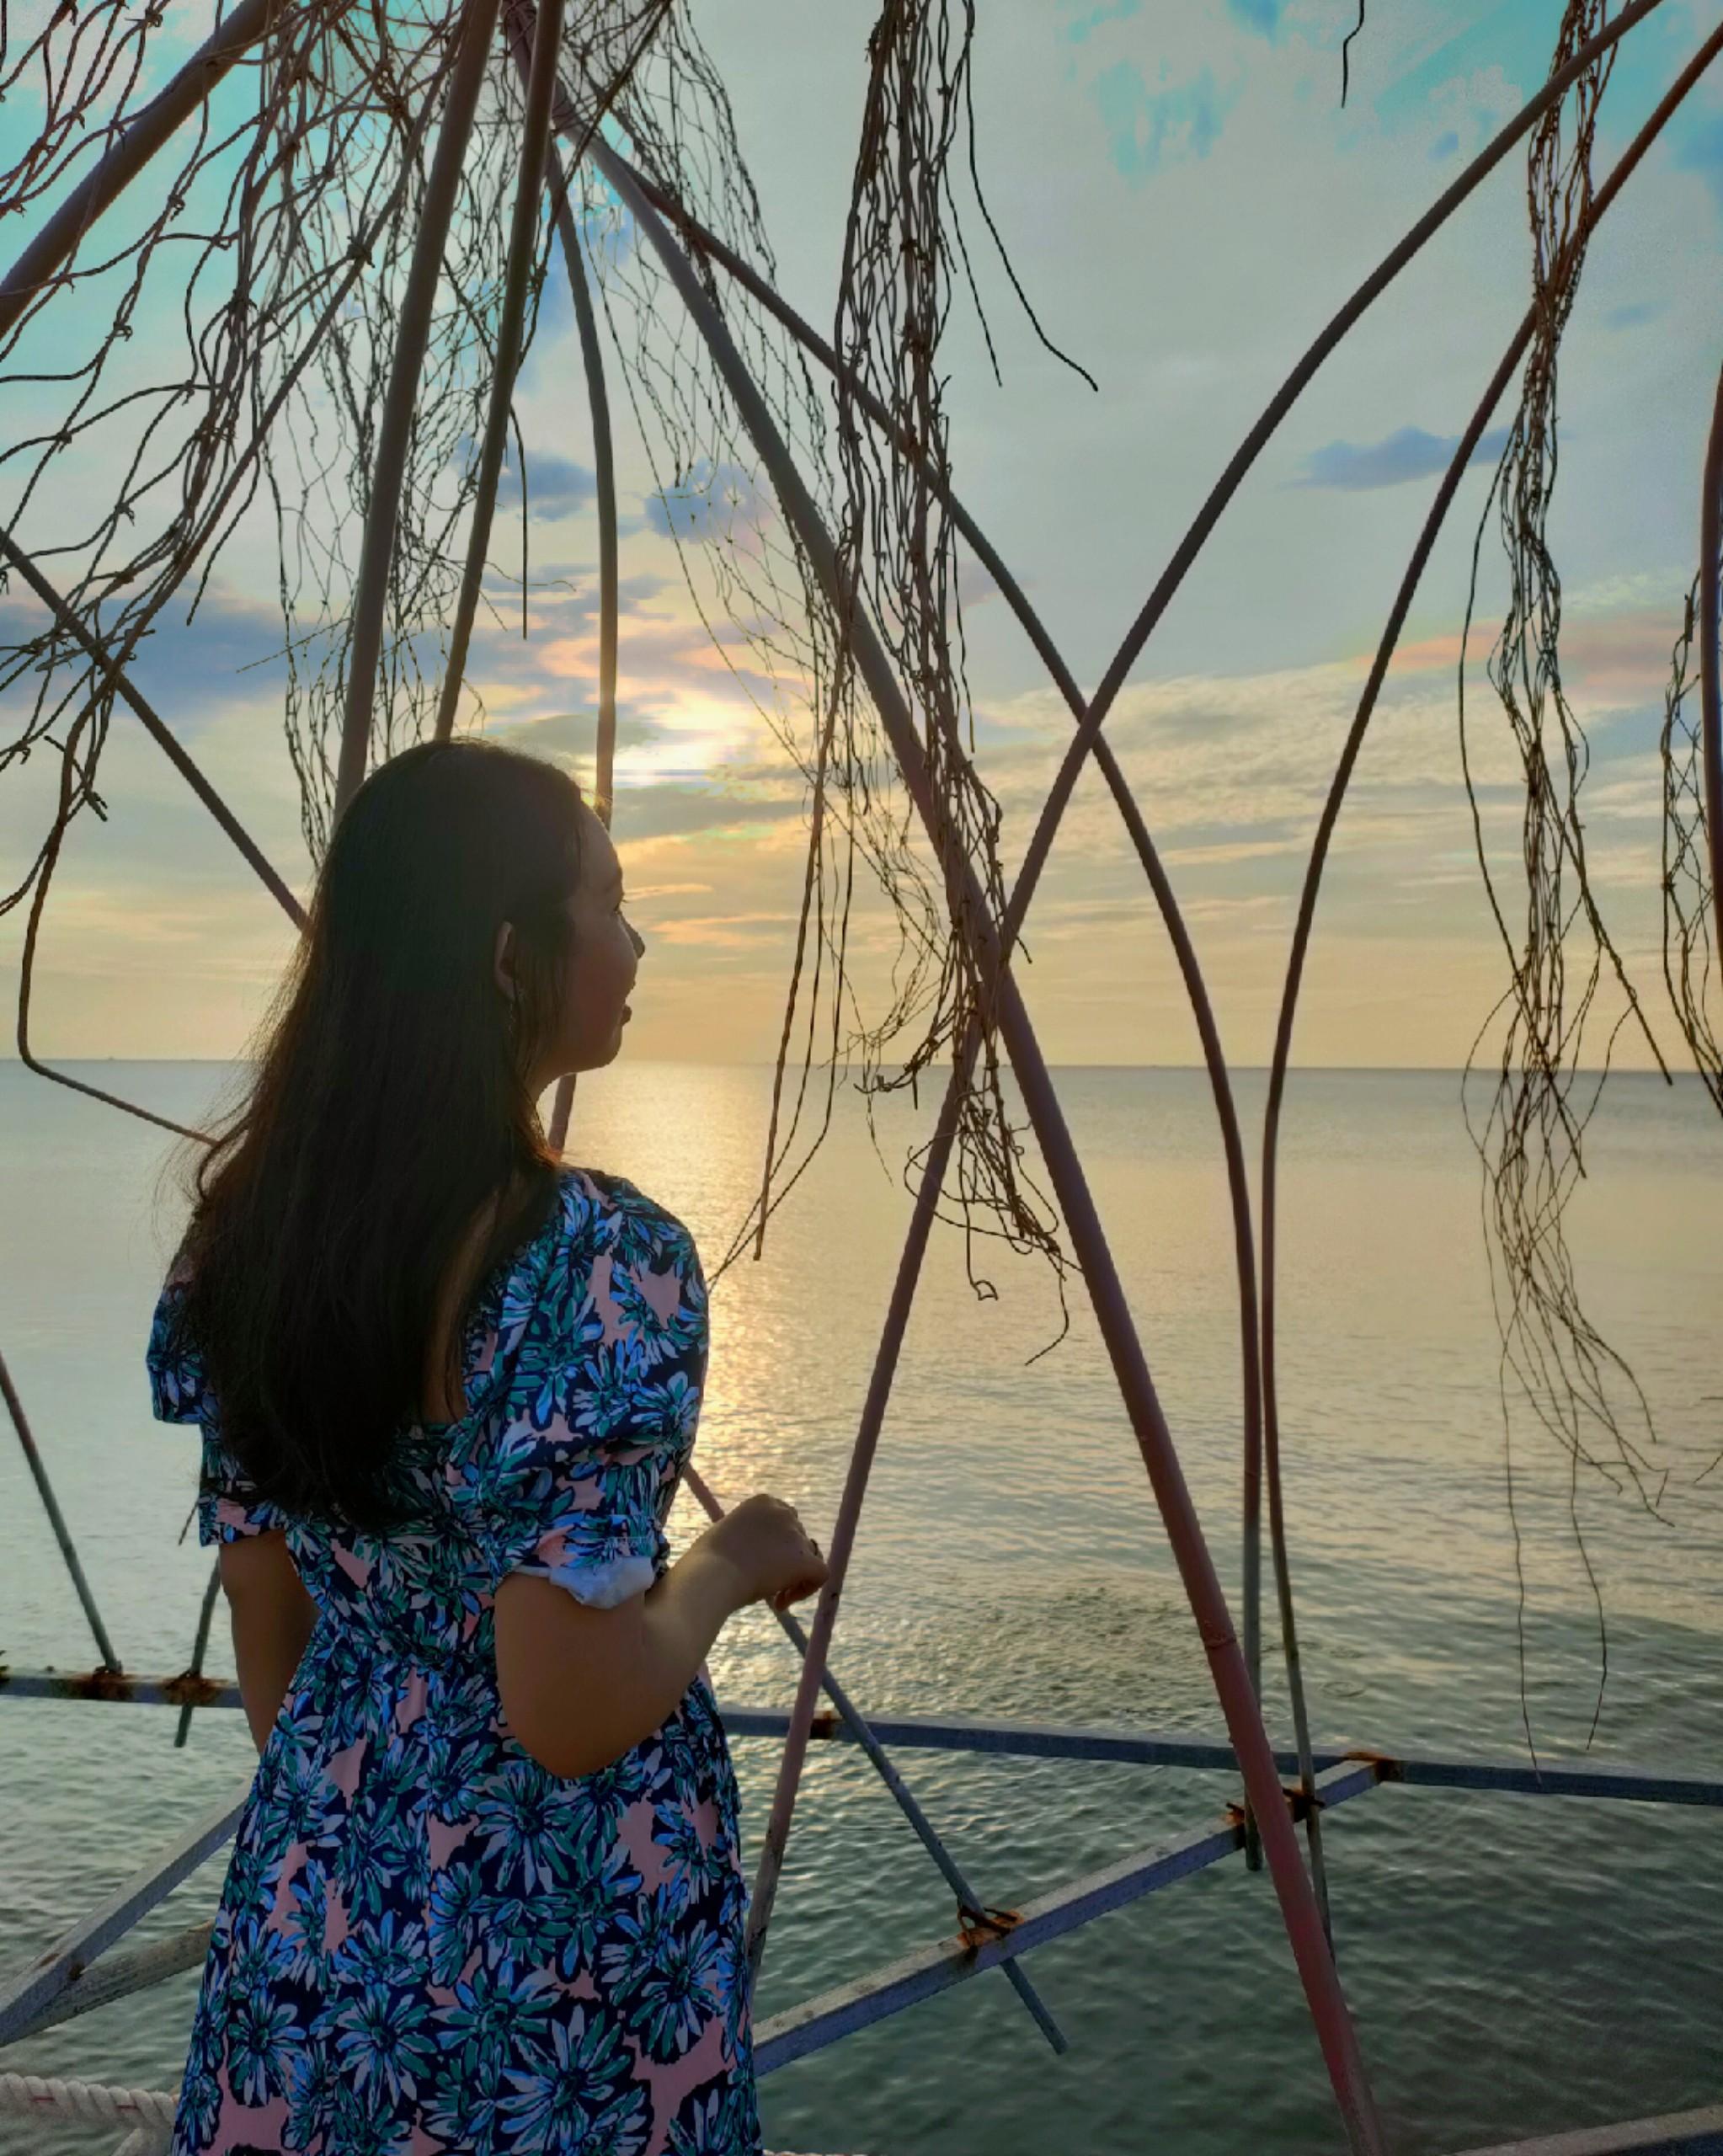 Ngắm hoàng hôn nhất định phải ghé Sunset Sanato - Nguồn ảnh: Internet